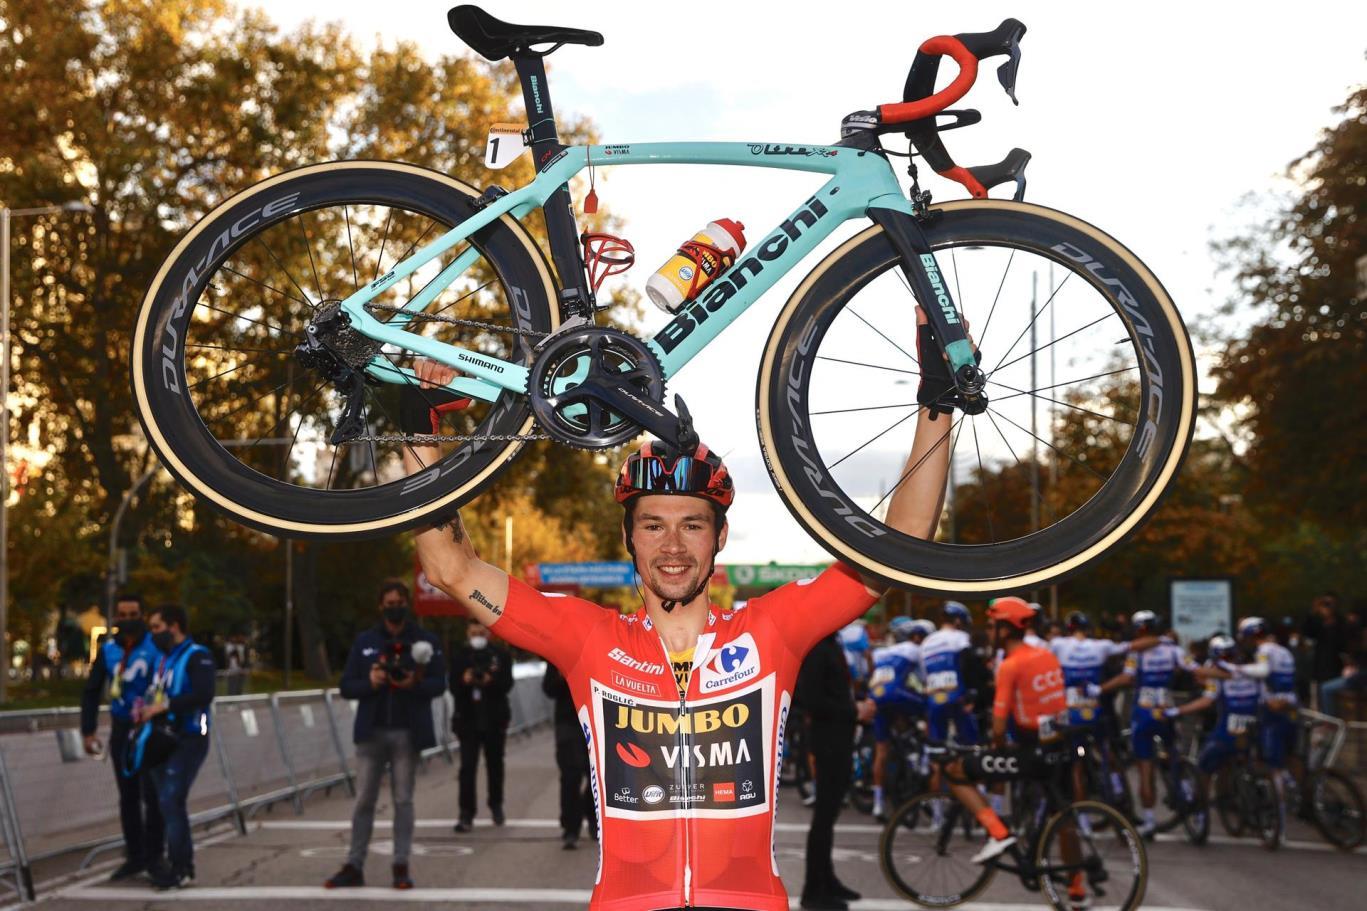 昨年の優勝に続き、プリモシュ・ログリッチ(チーム・ユンボ・ヴィズマ)がブエルタ・ア・エスパーニャ連覇を達成